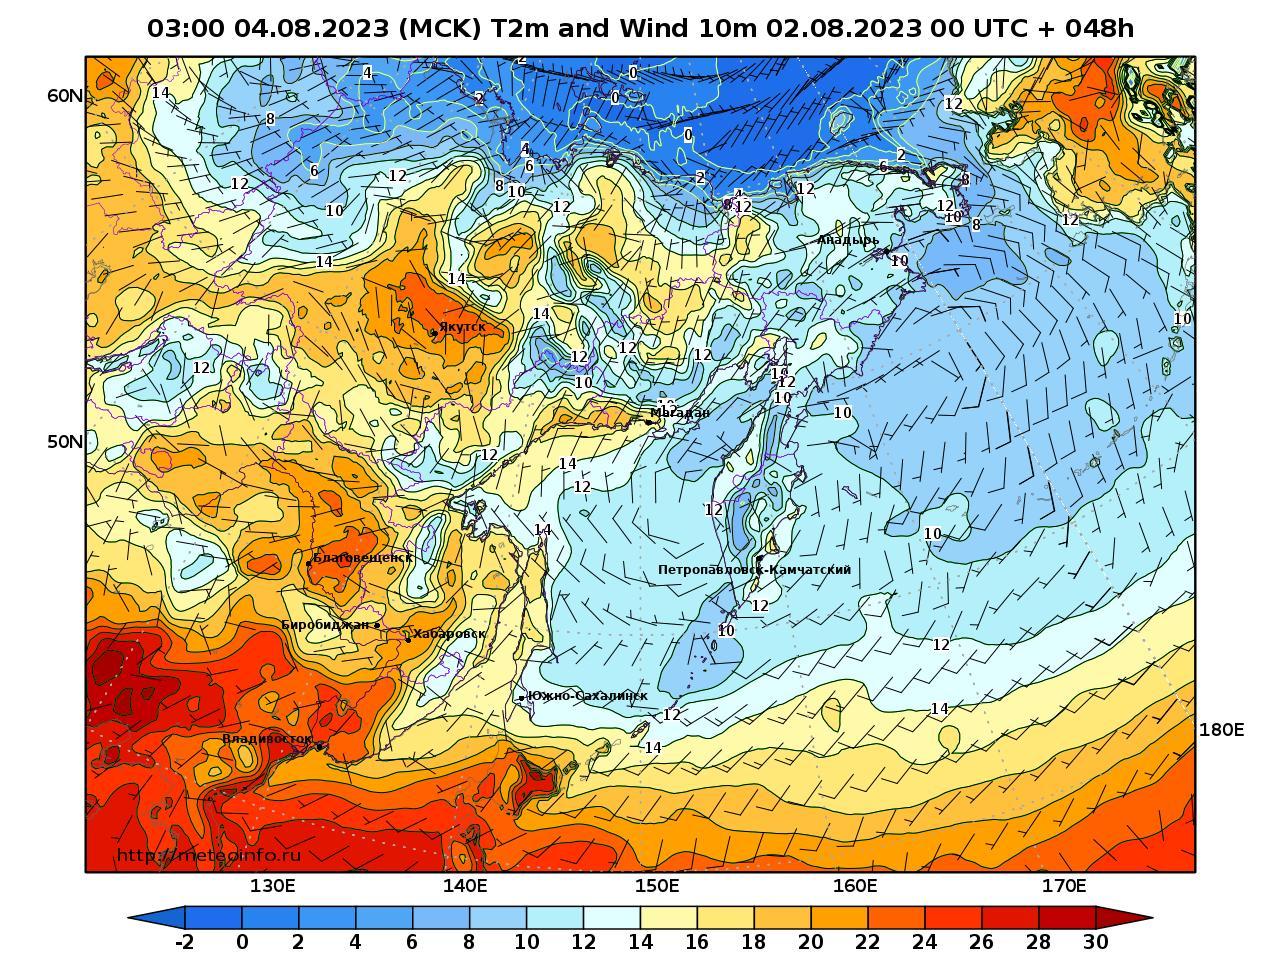 Дальний Восток, прогностическая карта приземная температура, заблаговременность прогноза 48 часов